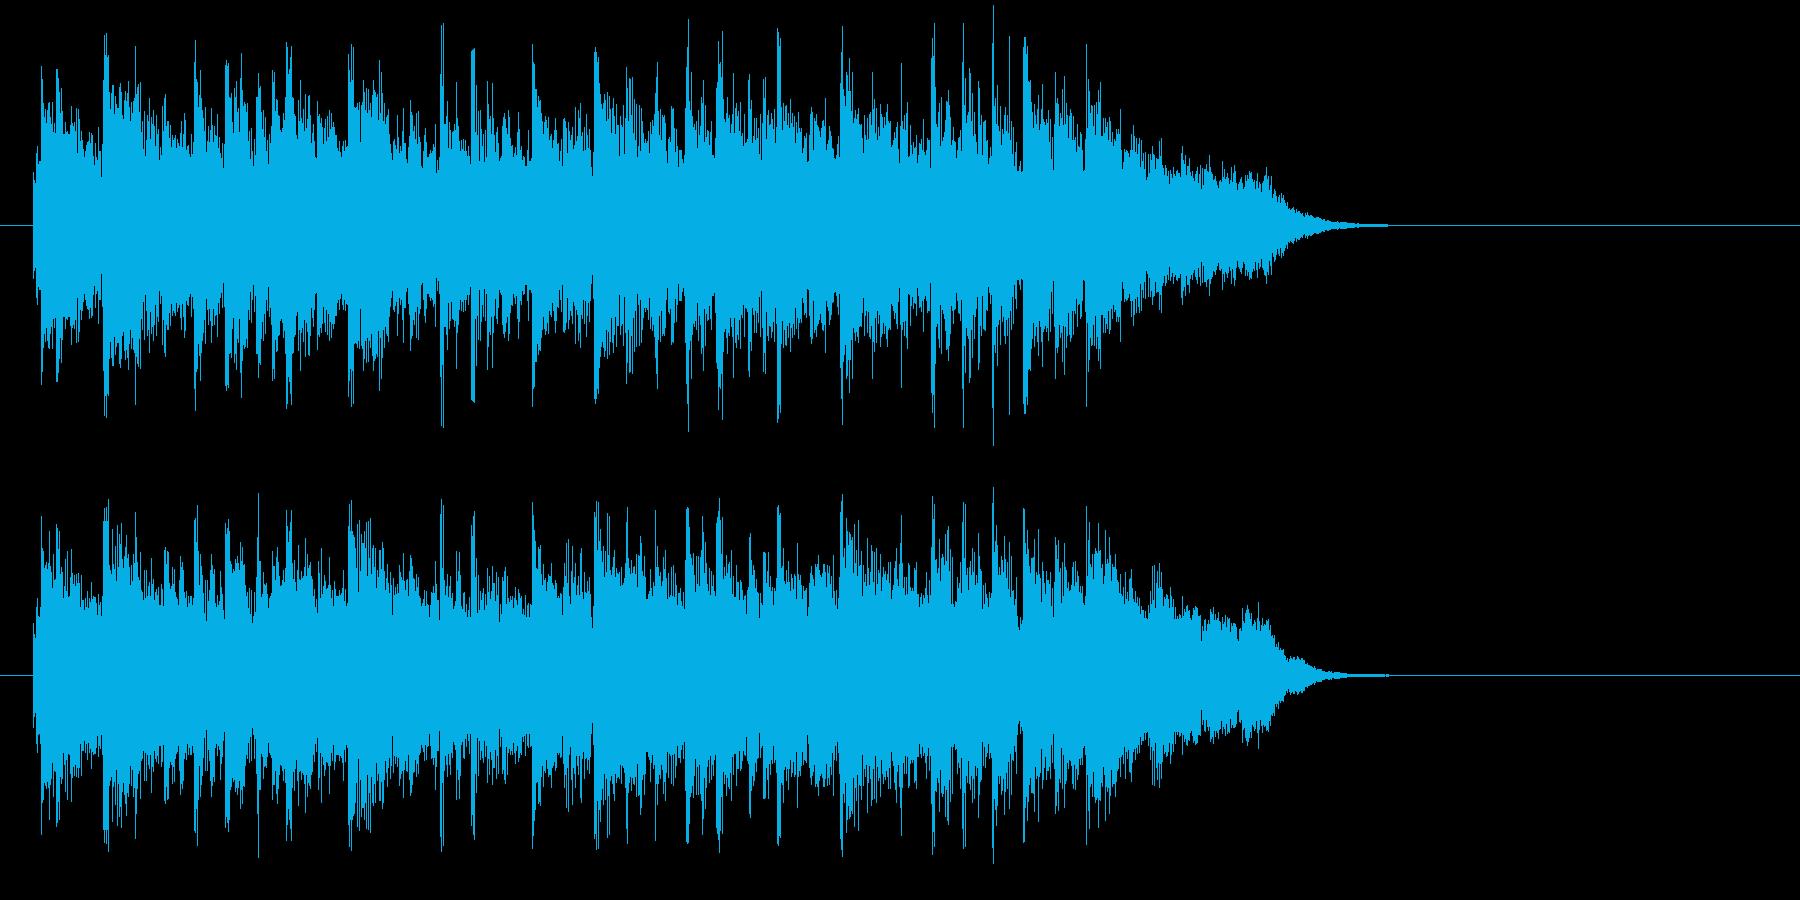 AOR調スタイリッシュ・バラードの再生済みの波形